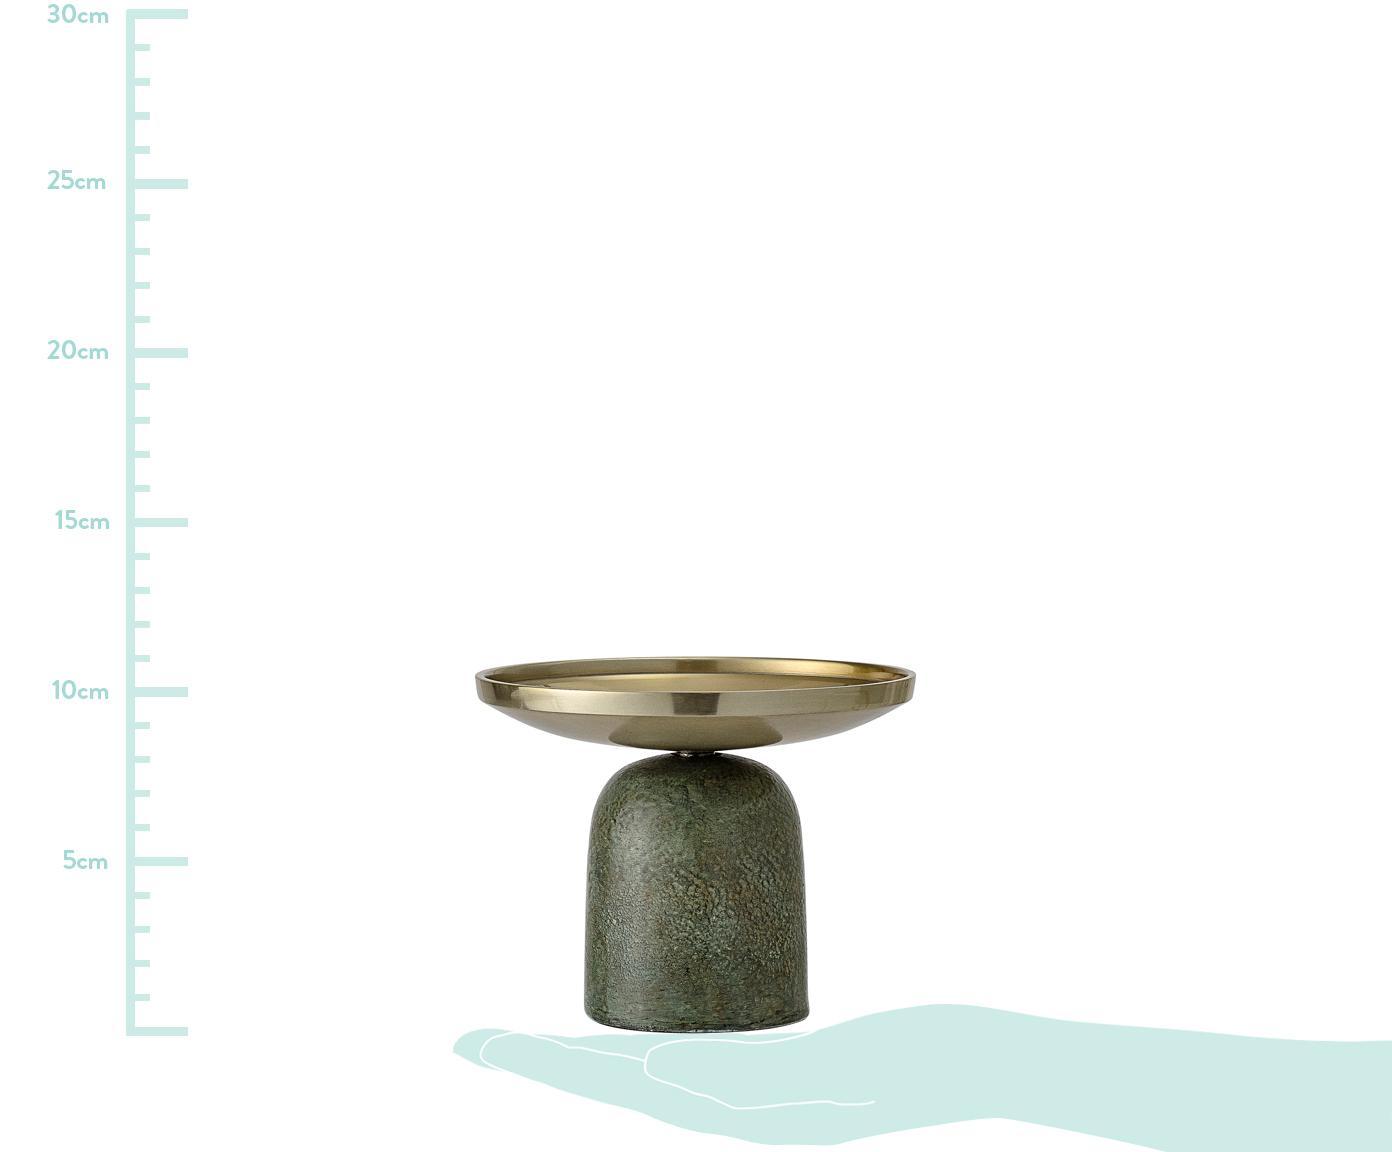 Świecznik Lasse, Aluminium powlekane, Zielony, odcienie mosiądzu, Ø 13 x W 10 cm